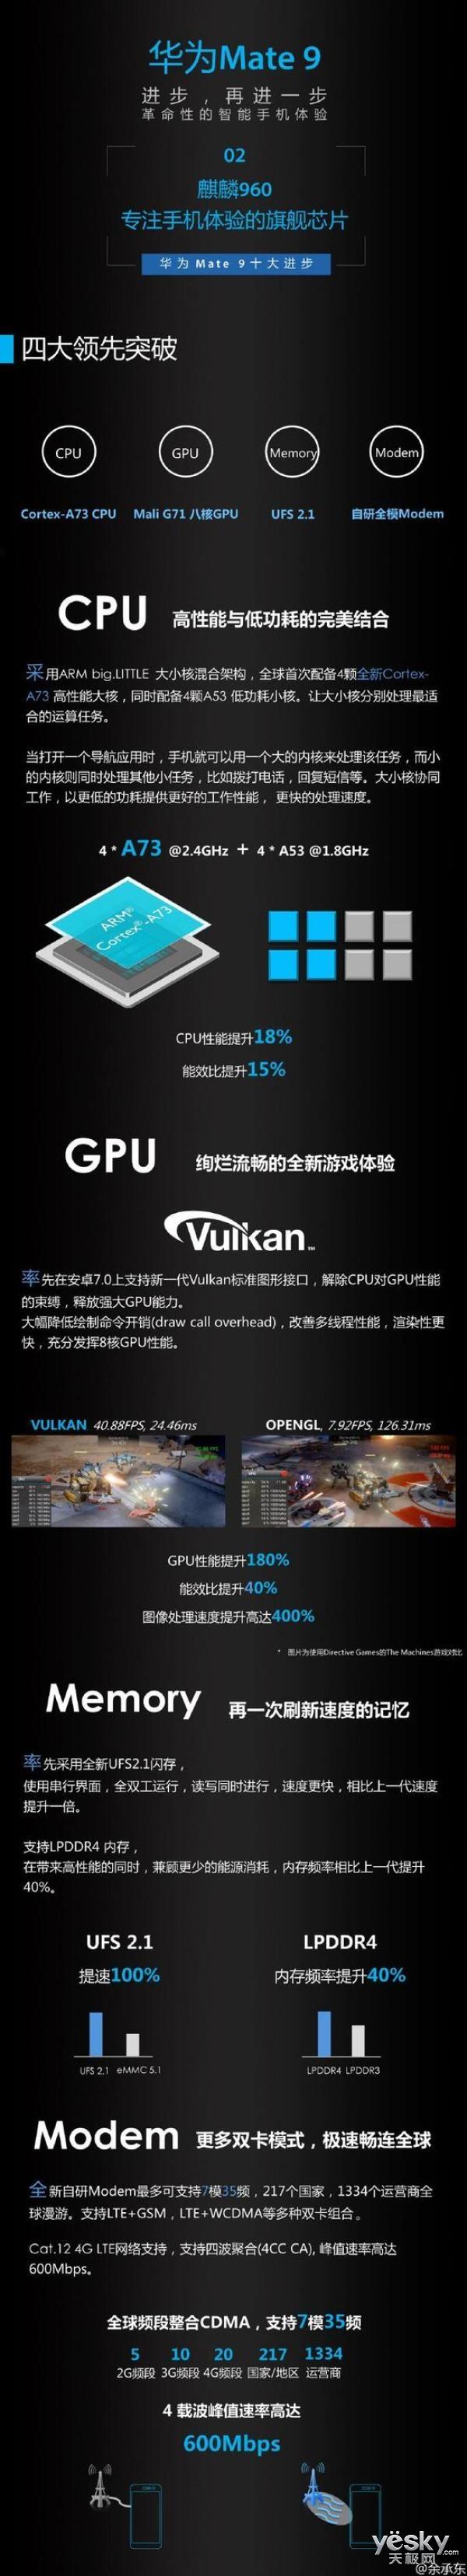 Mate9 GPU速度提升4倍 麒麟960有多拽?